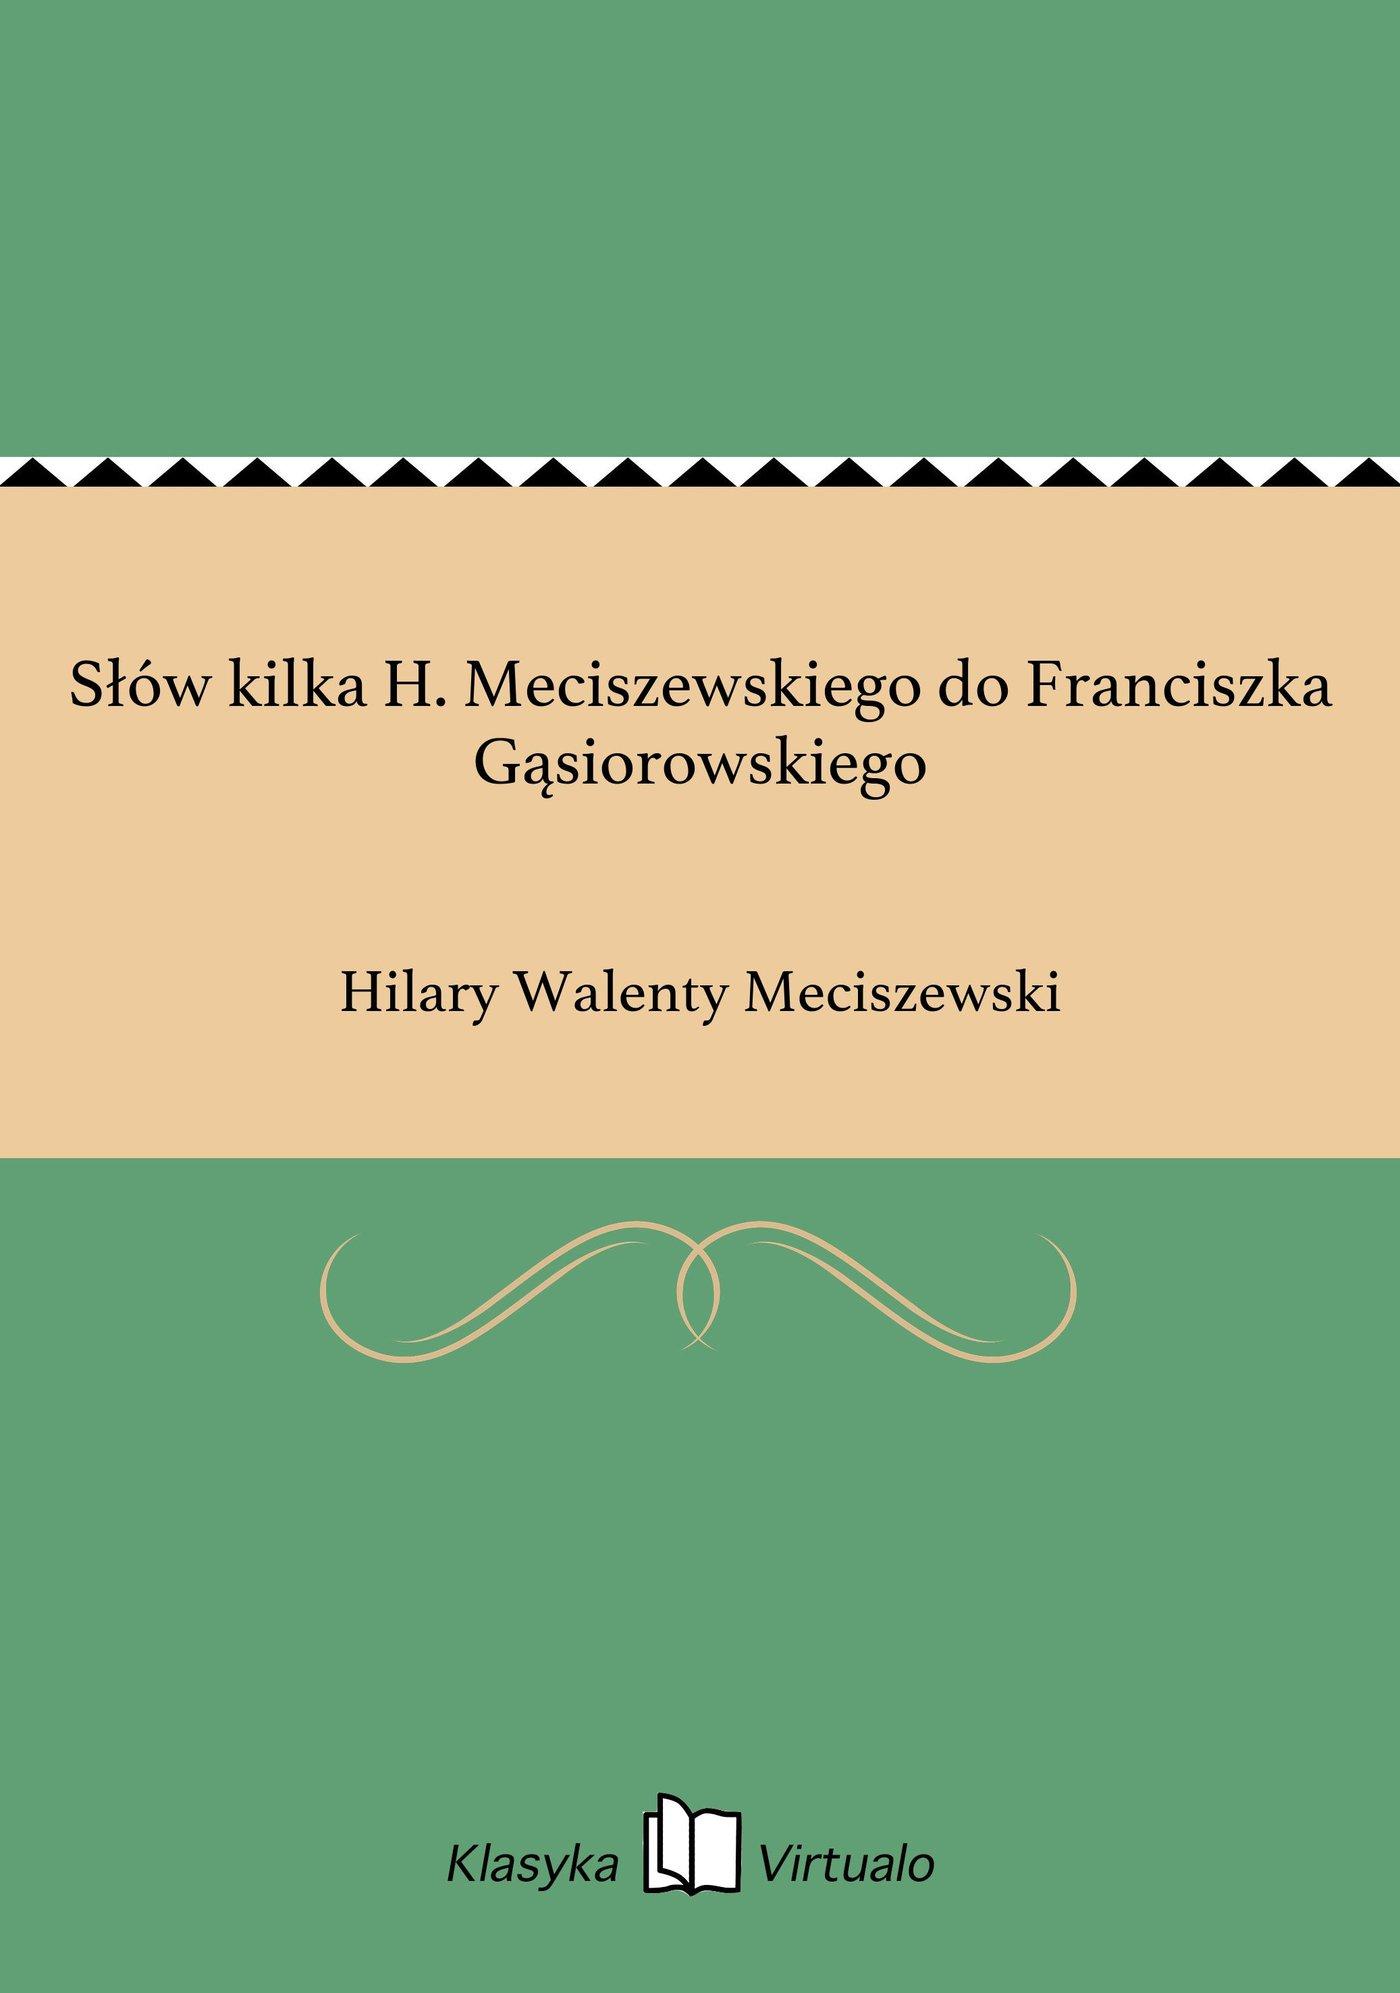 Słów kilka H. Meciszewskiego do Franciszka Gąsiorowskiego - Ebook (Książka EPUB) do pobrania w formacie EPUB